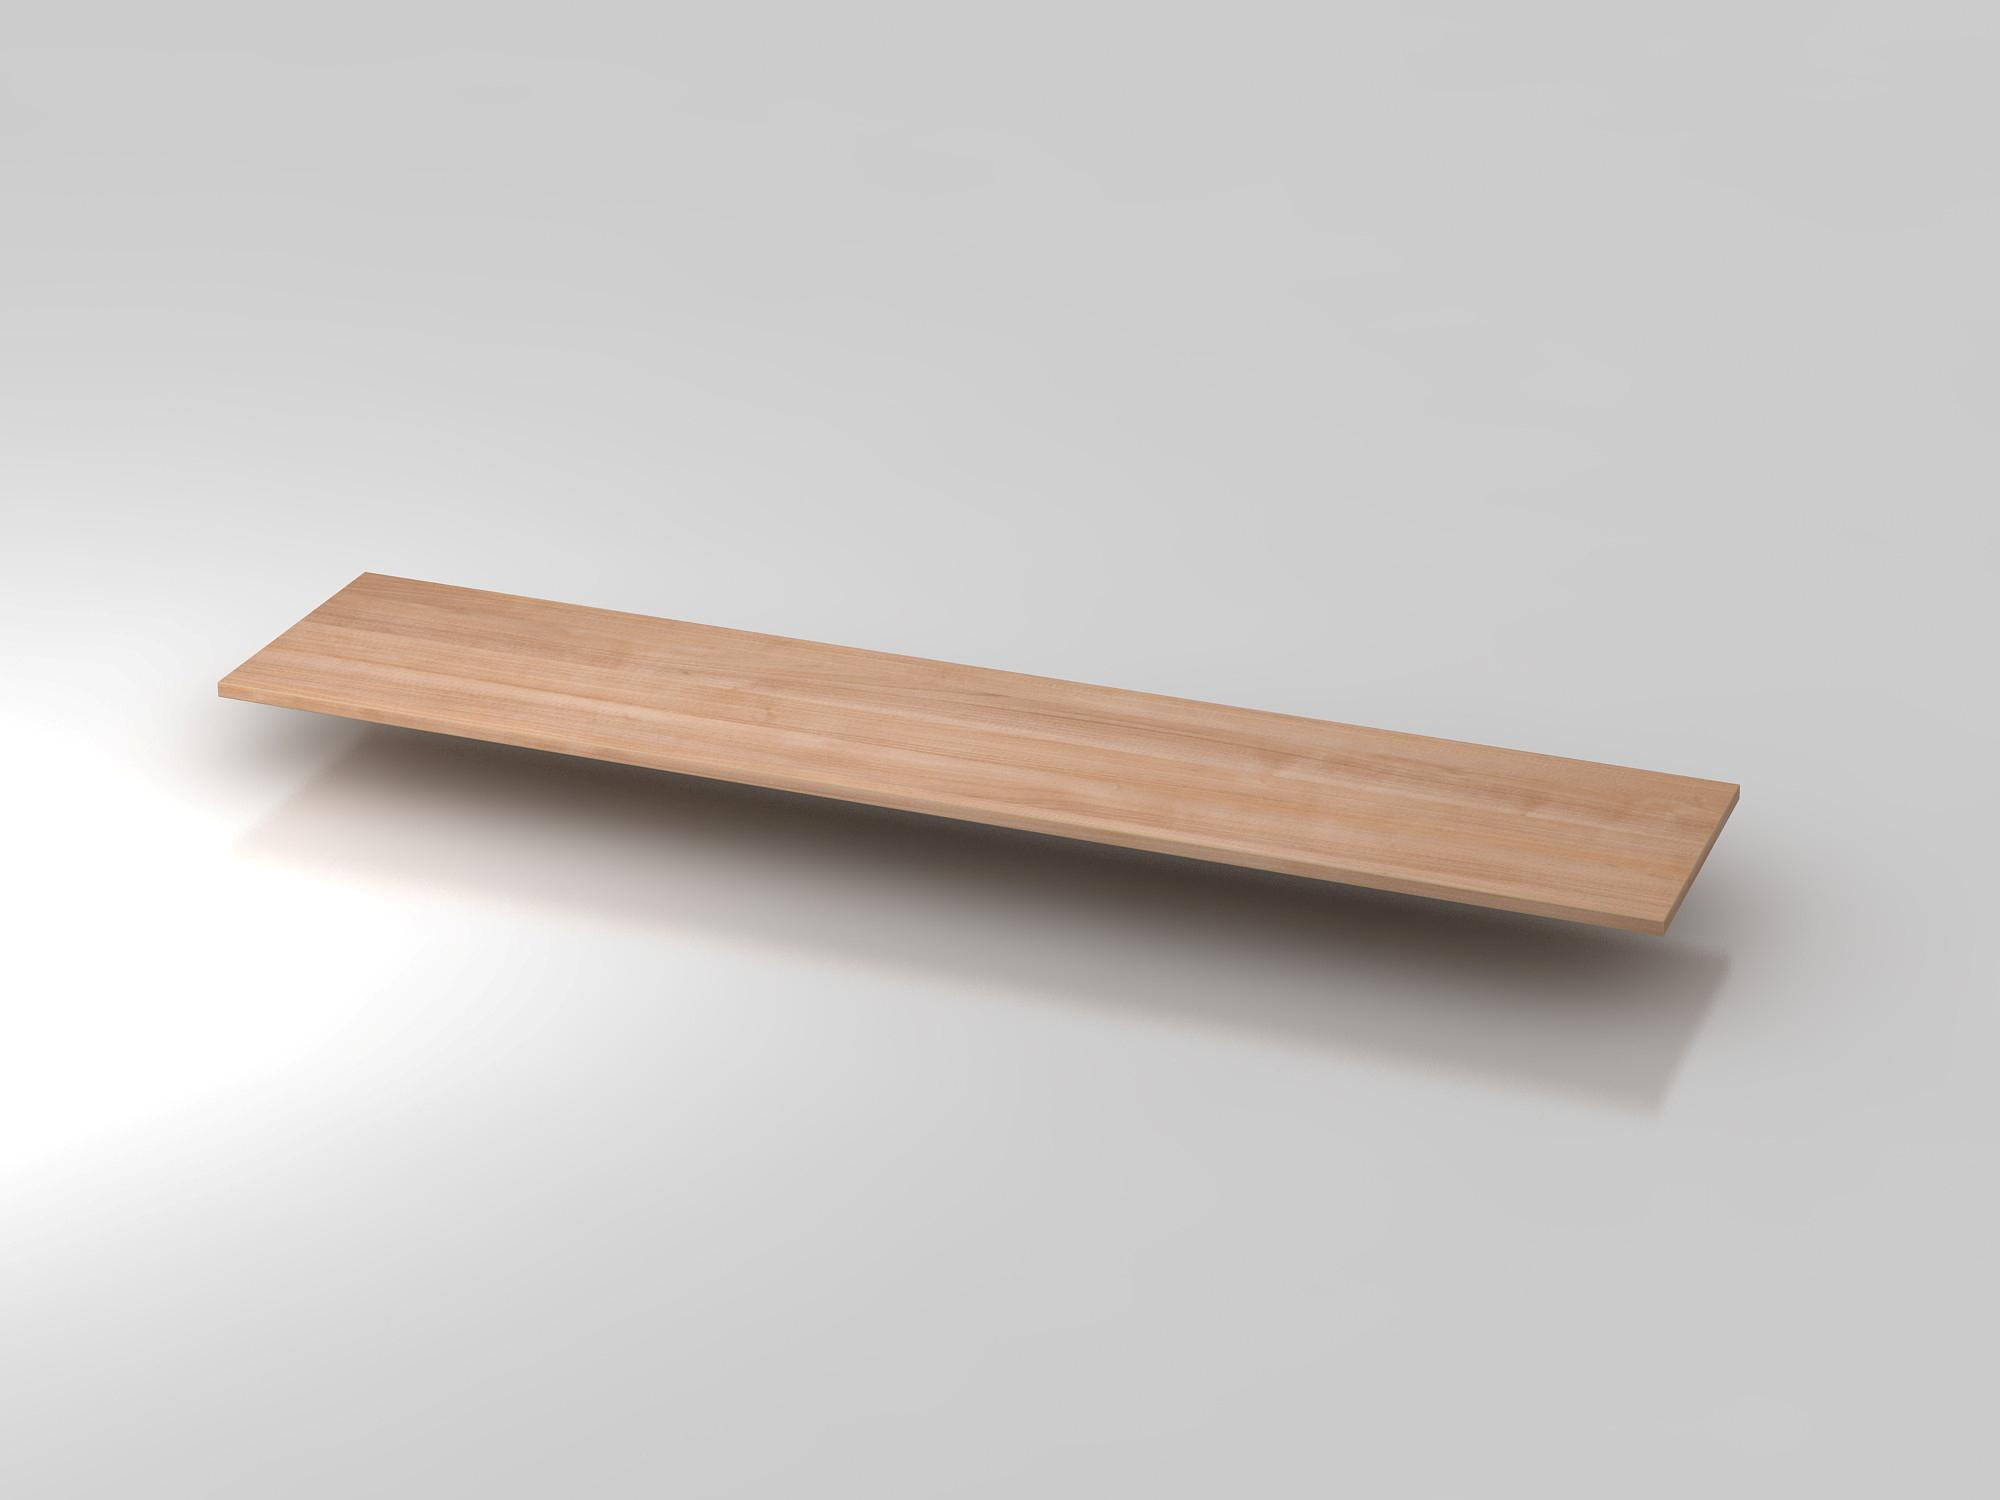 Abdeckplatte 200,5x43cm Nussbaum